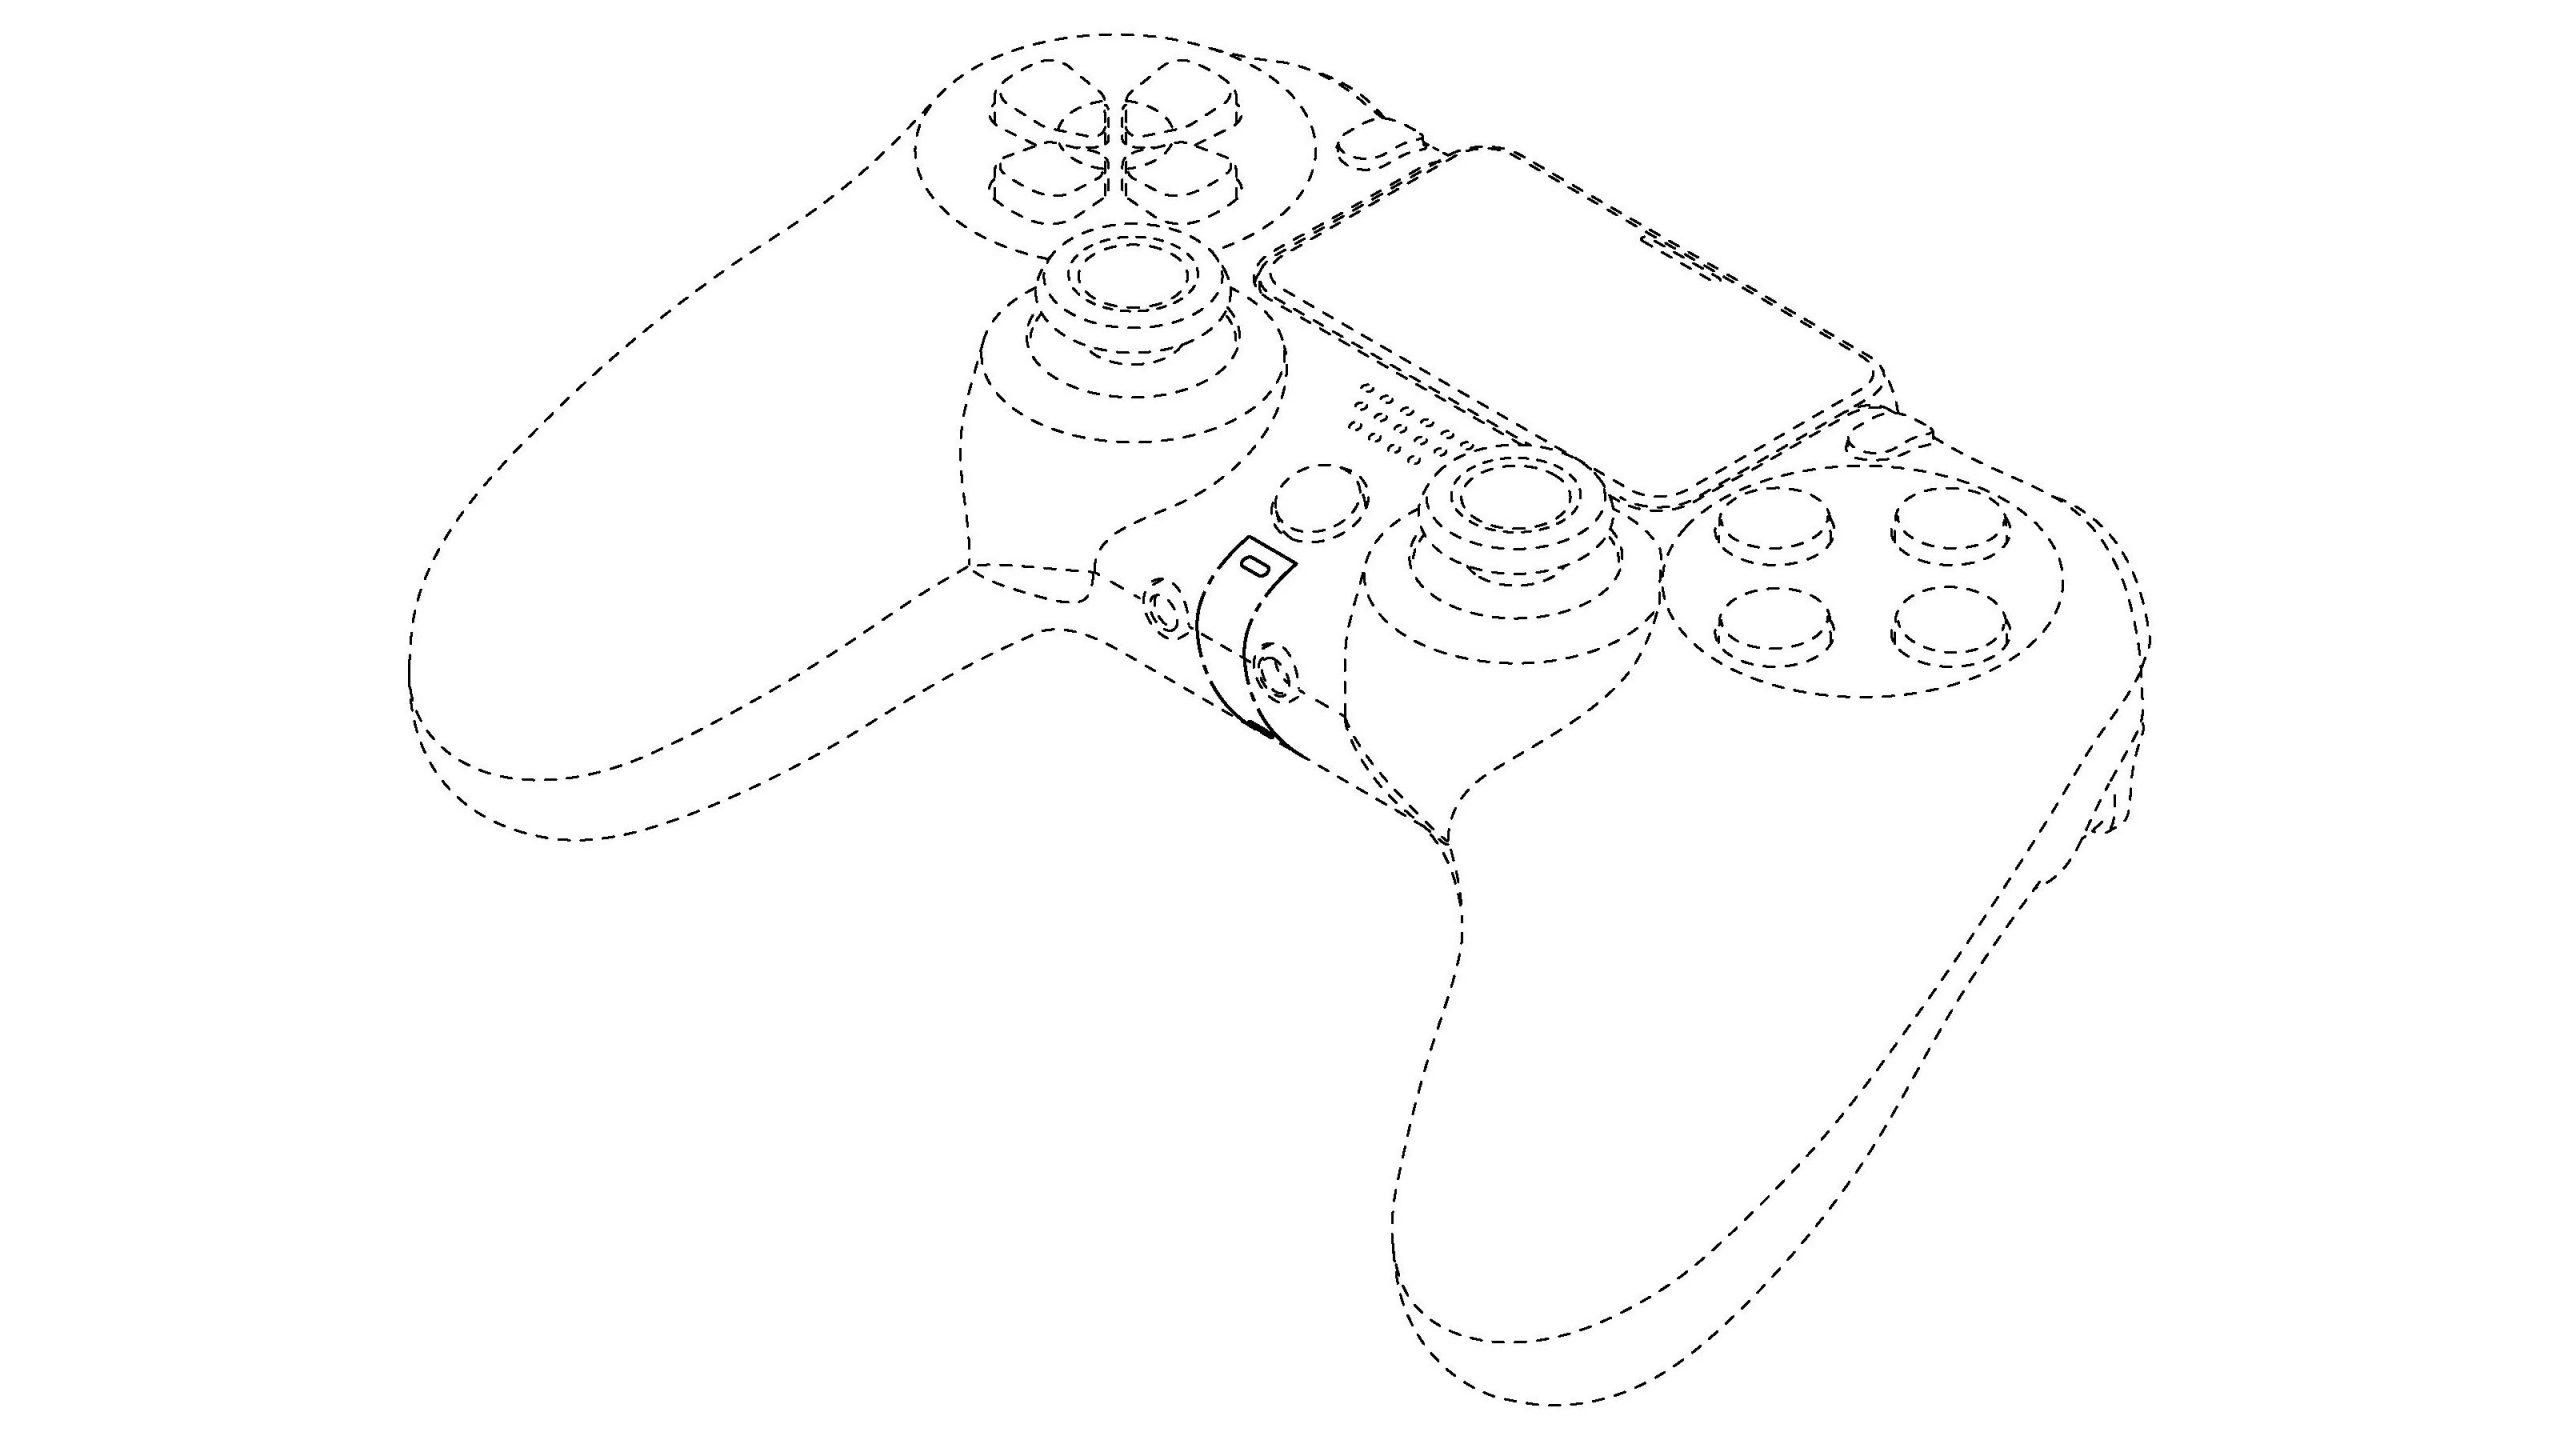 Le brevet du contrôleur PS5 révèle le nouveau (ancien) look de DualShock